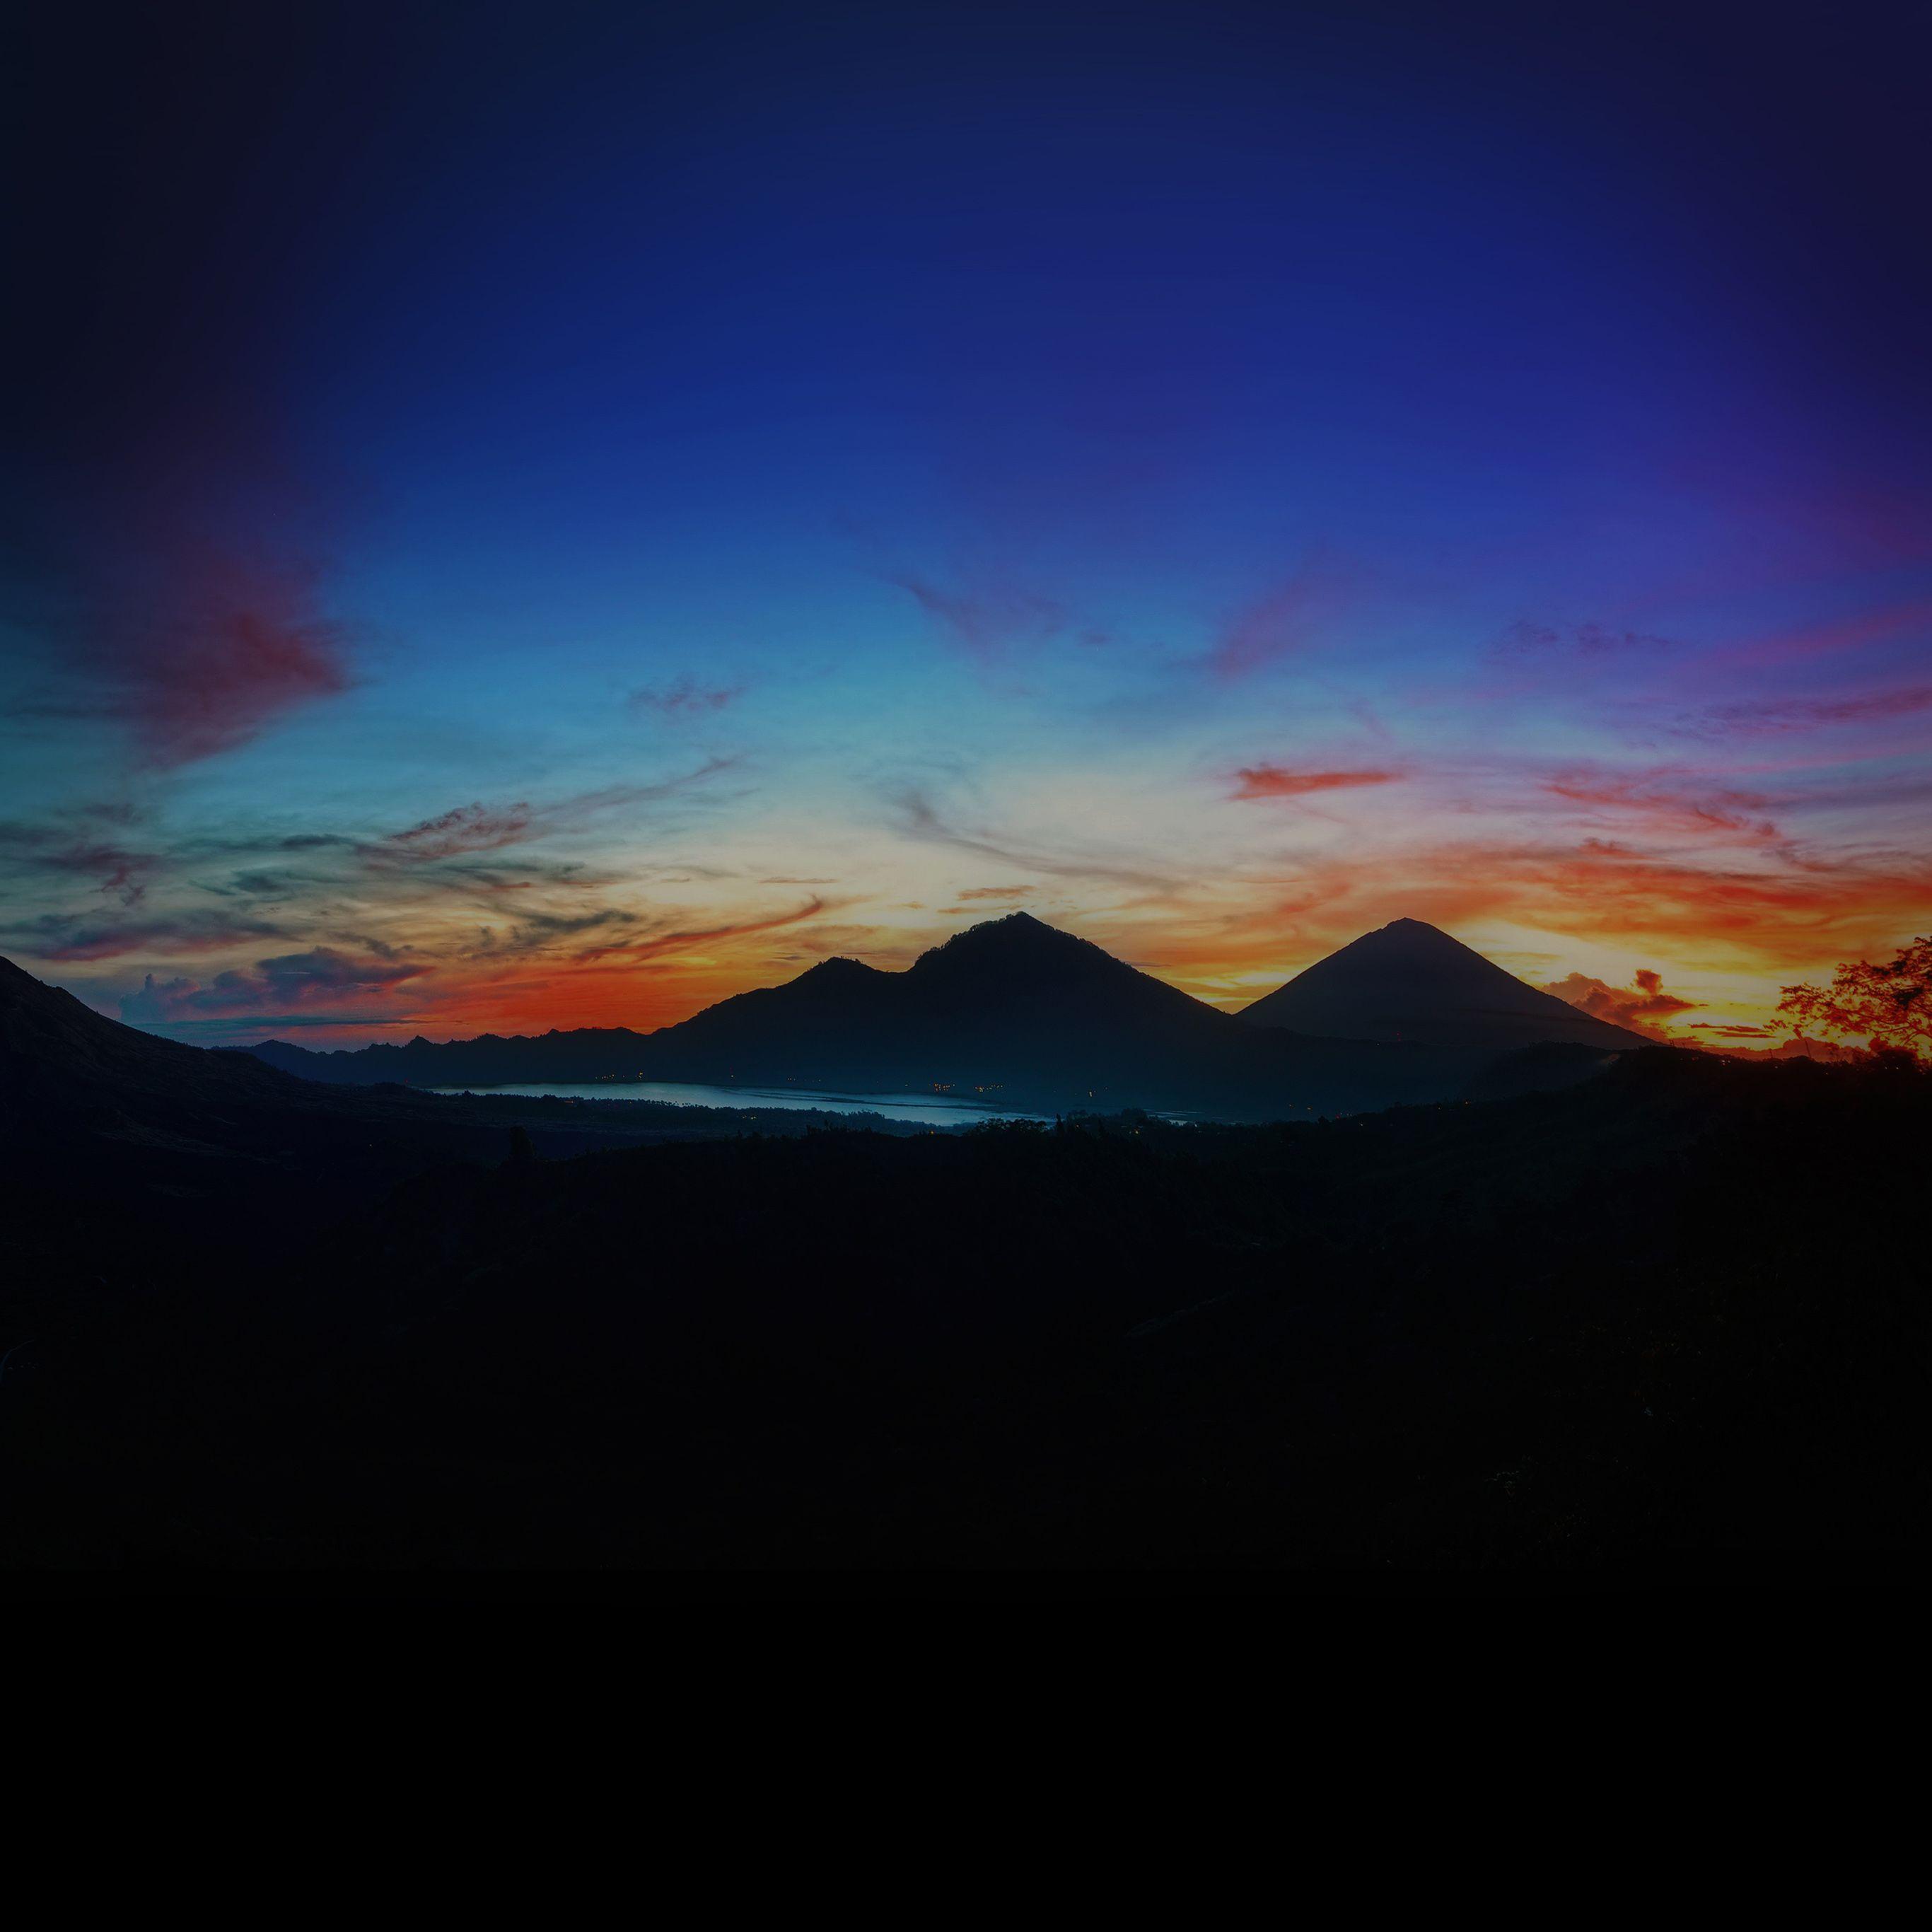 2732x2732 Mountain Sunrise Hình nền đẹp nhất Bầu trời tối